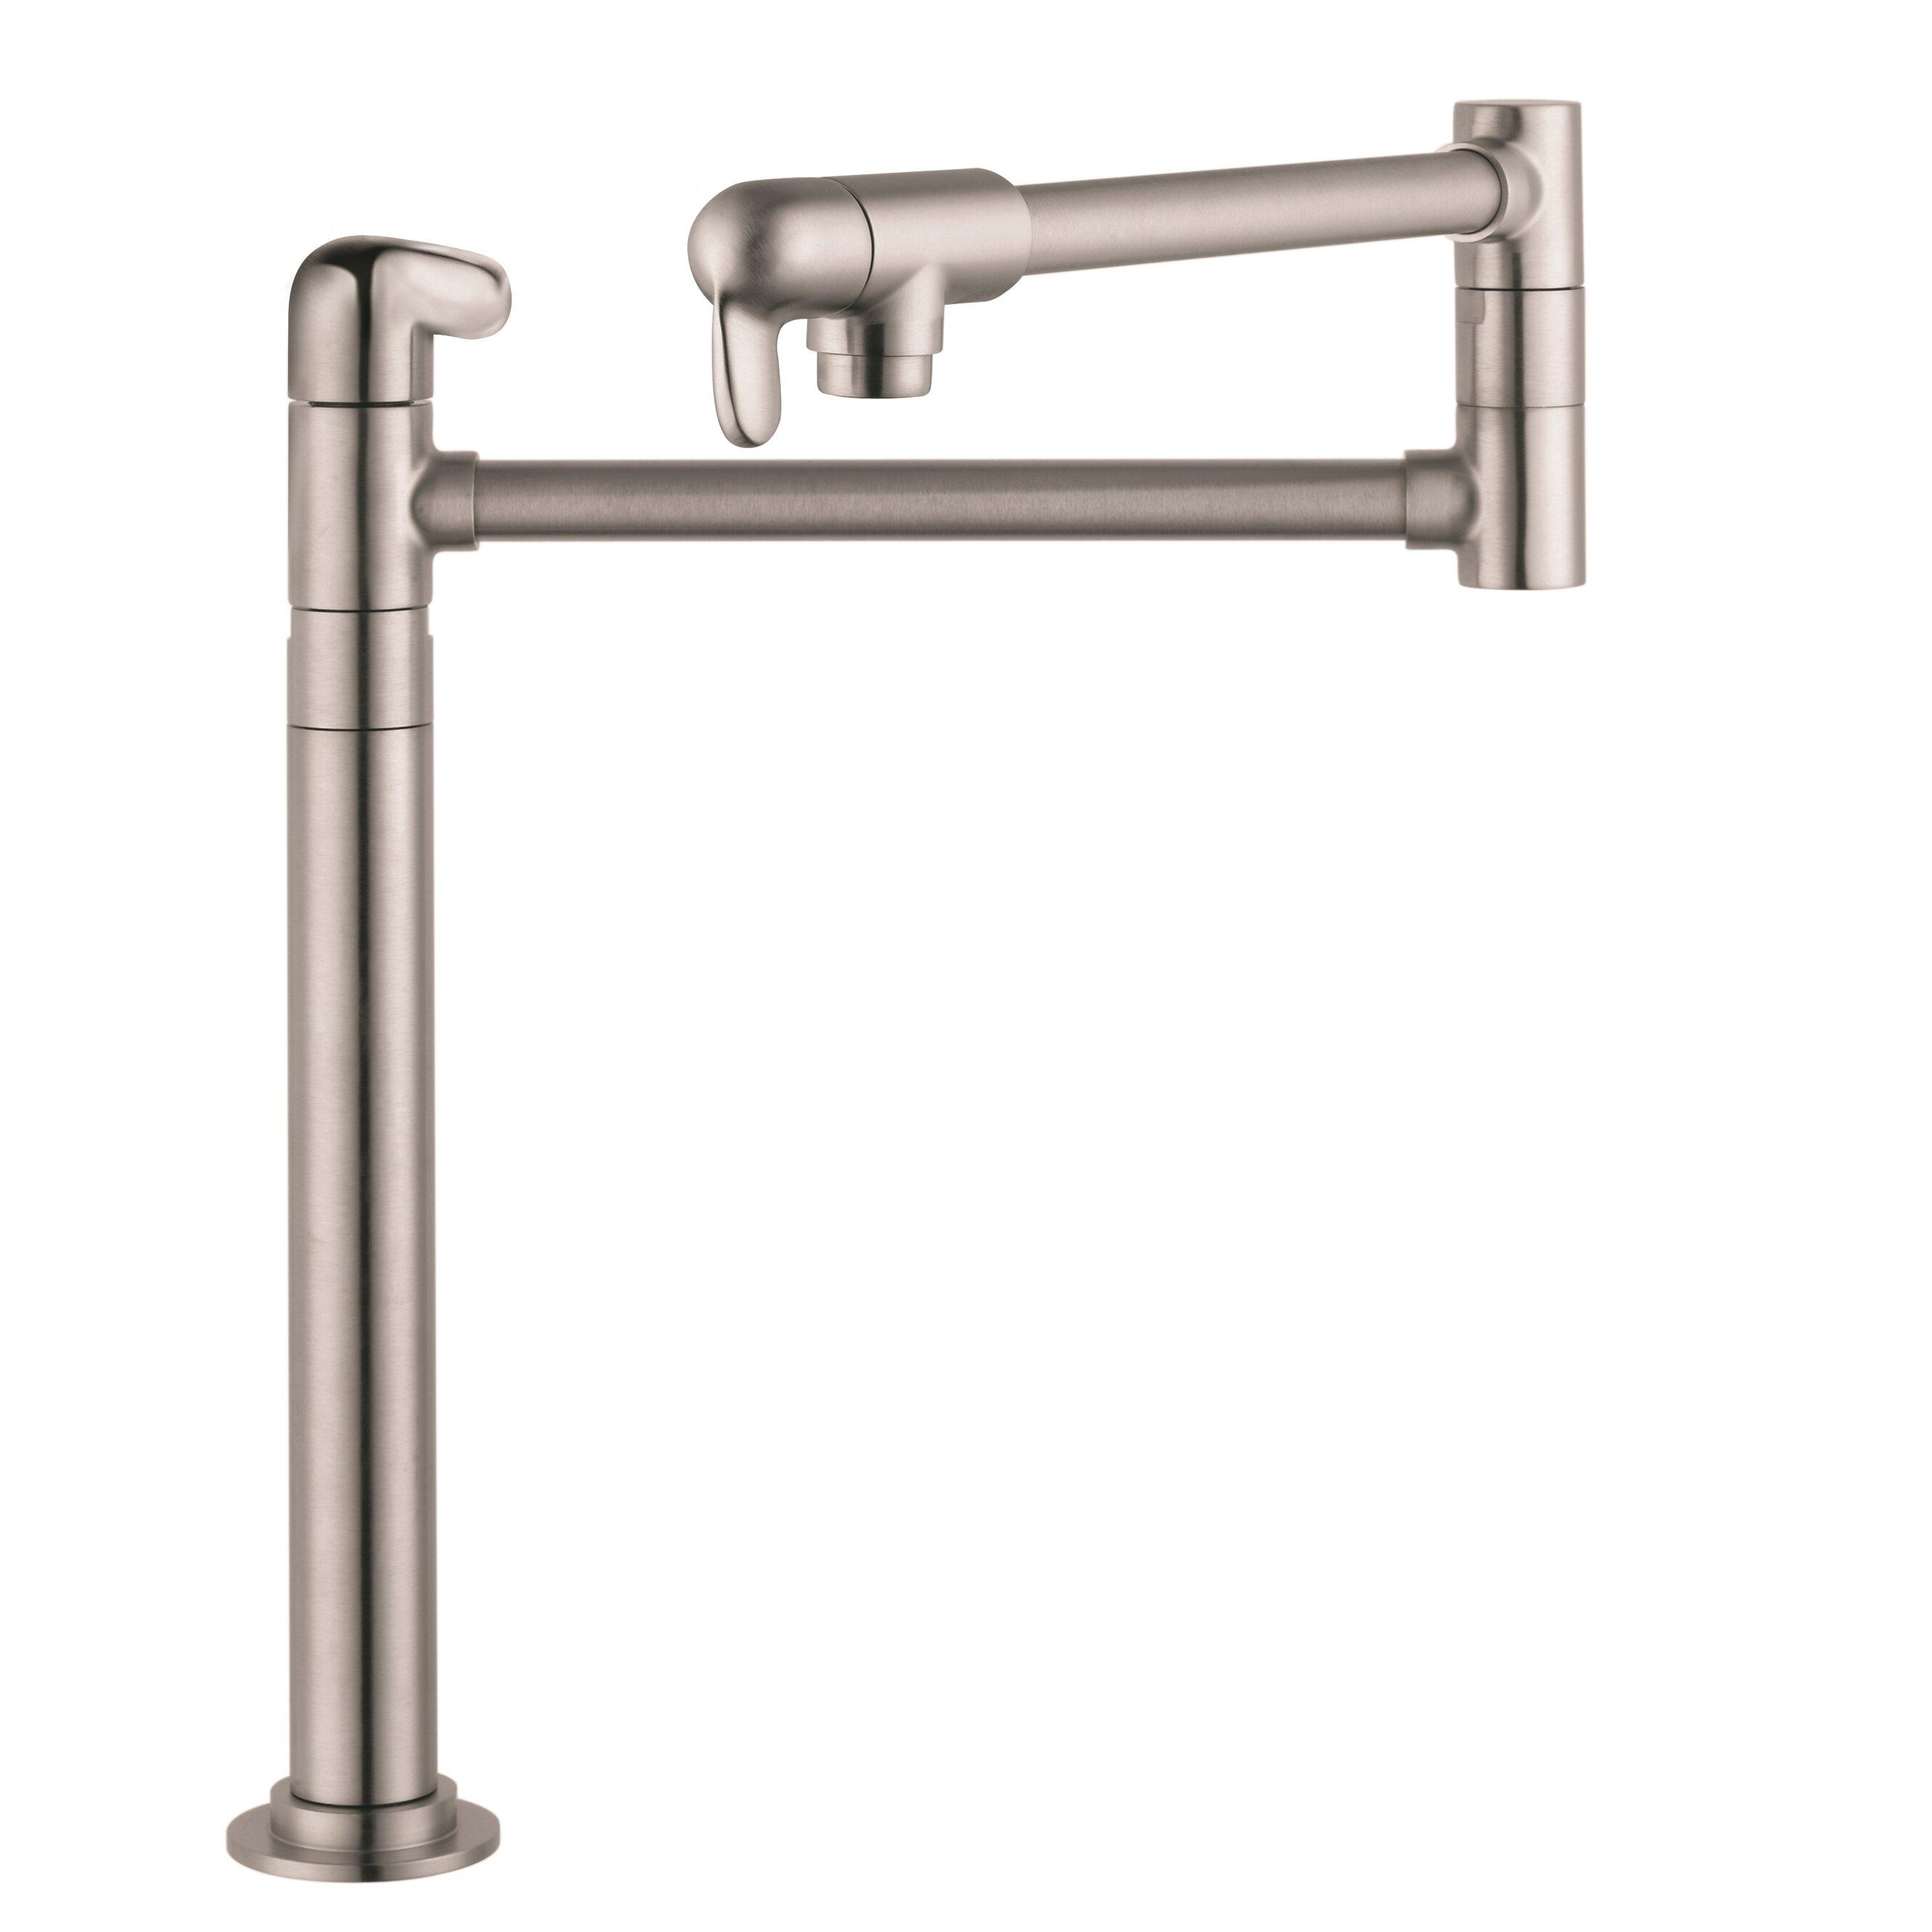 Hansgrohe Allegro E Hansgrohe Allegro E Single Handle Deck Mounted Pot Filler Faucet